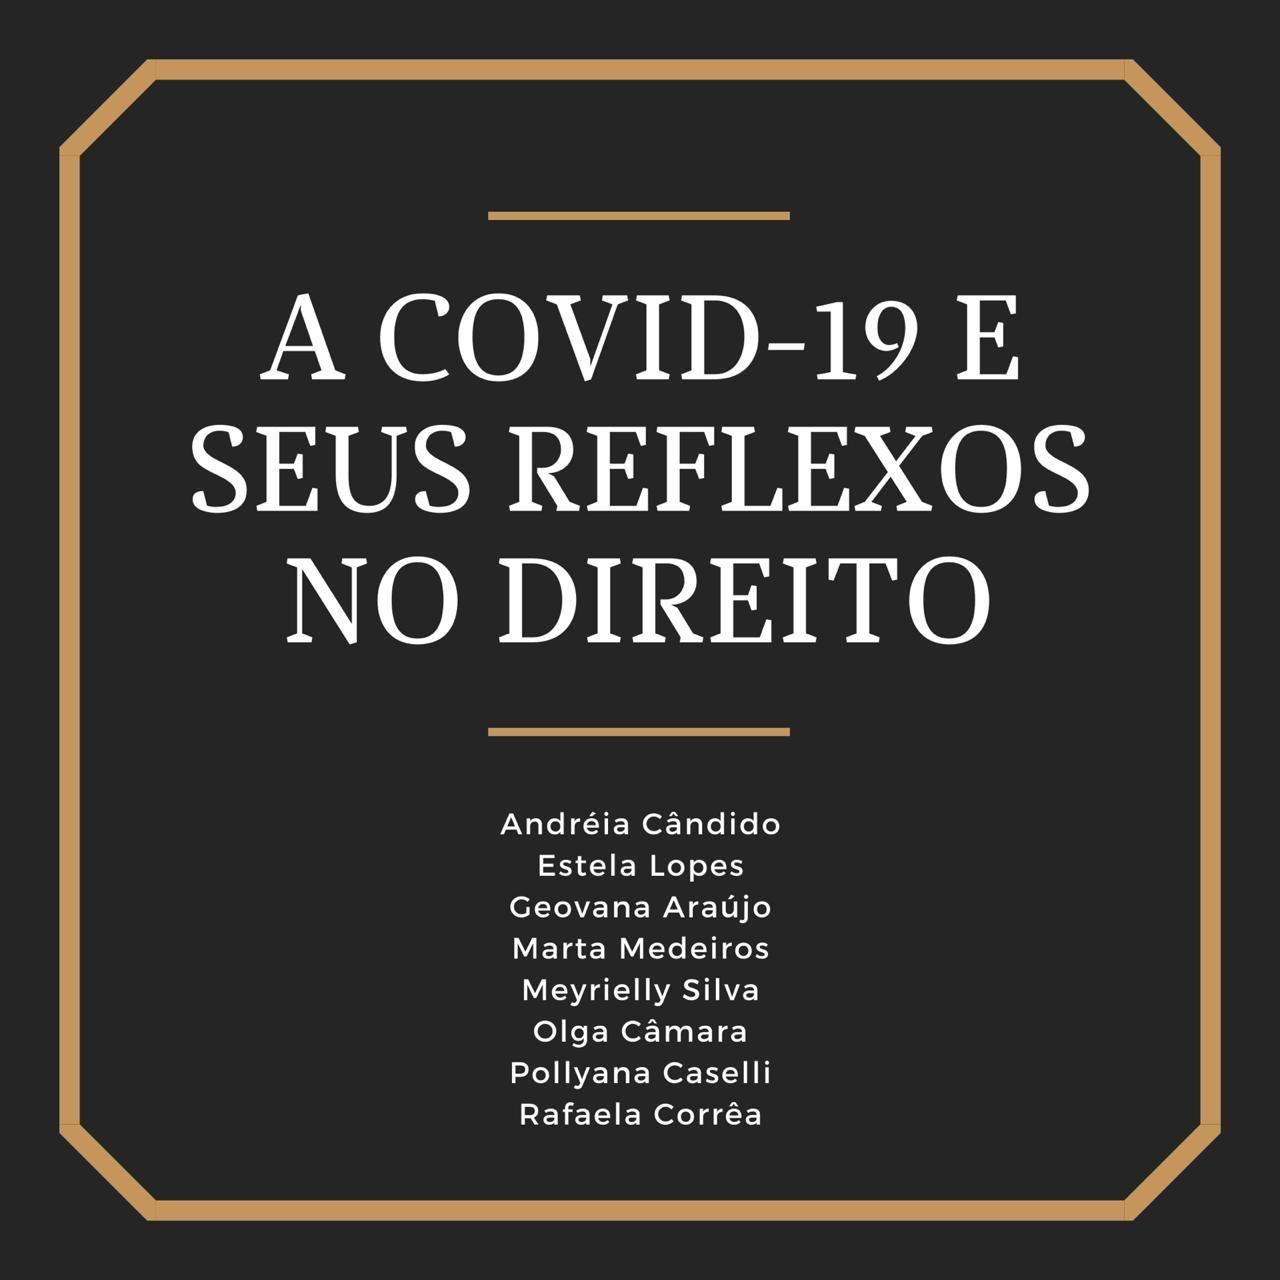 A COVID-19 E SEUS REFLEXOS NO DIREITO